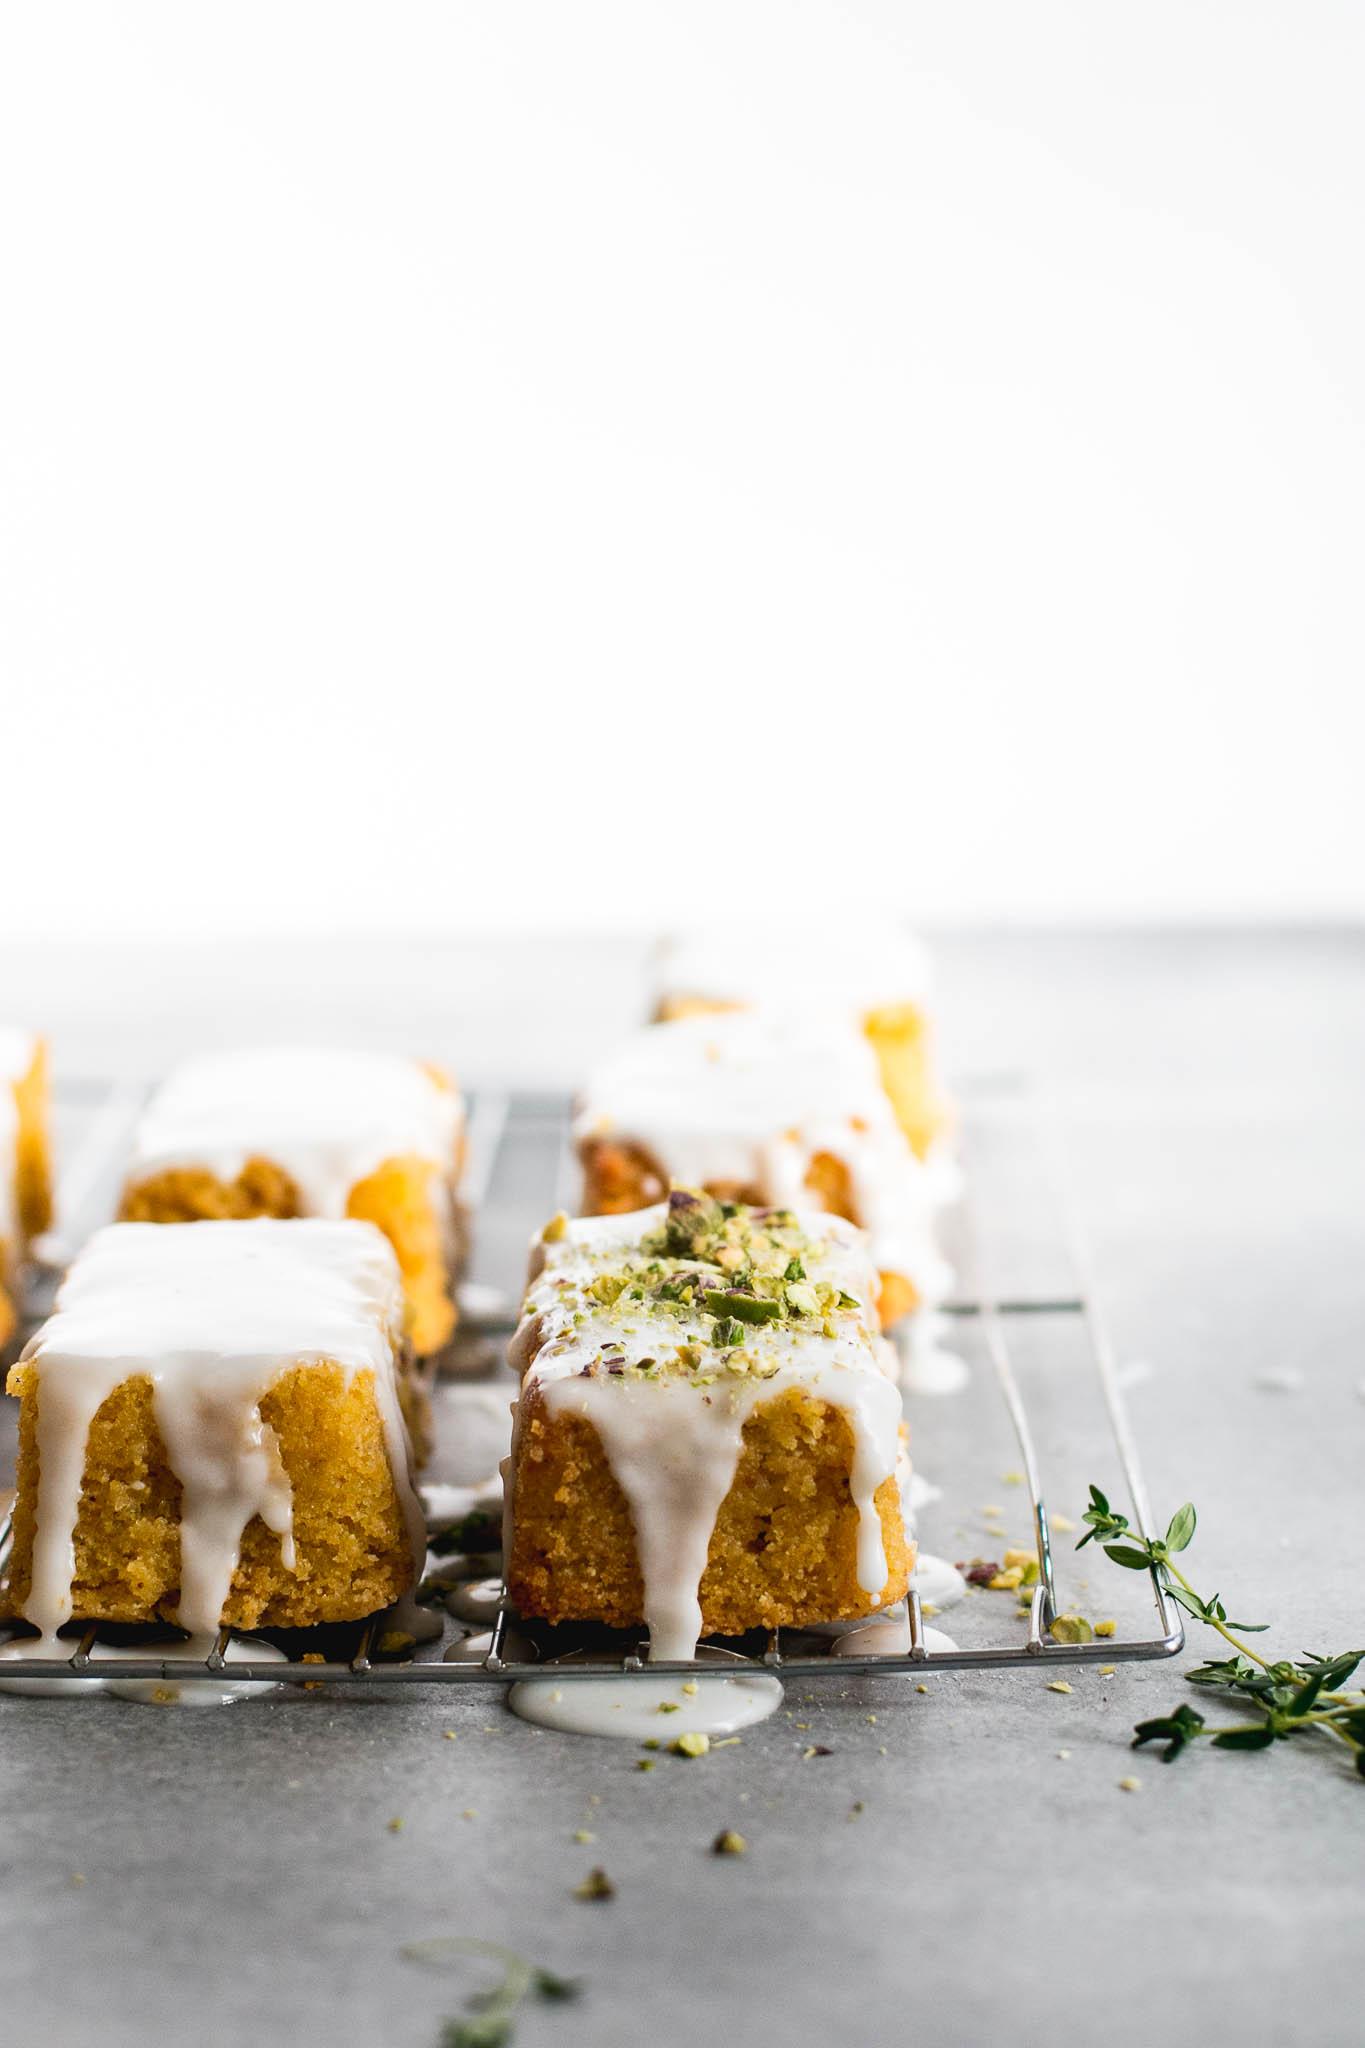 Lemon Pistachio Polenta Cake